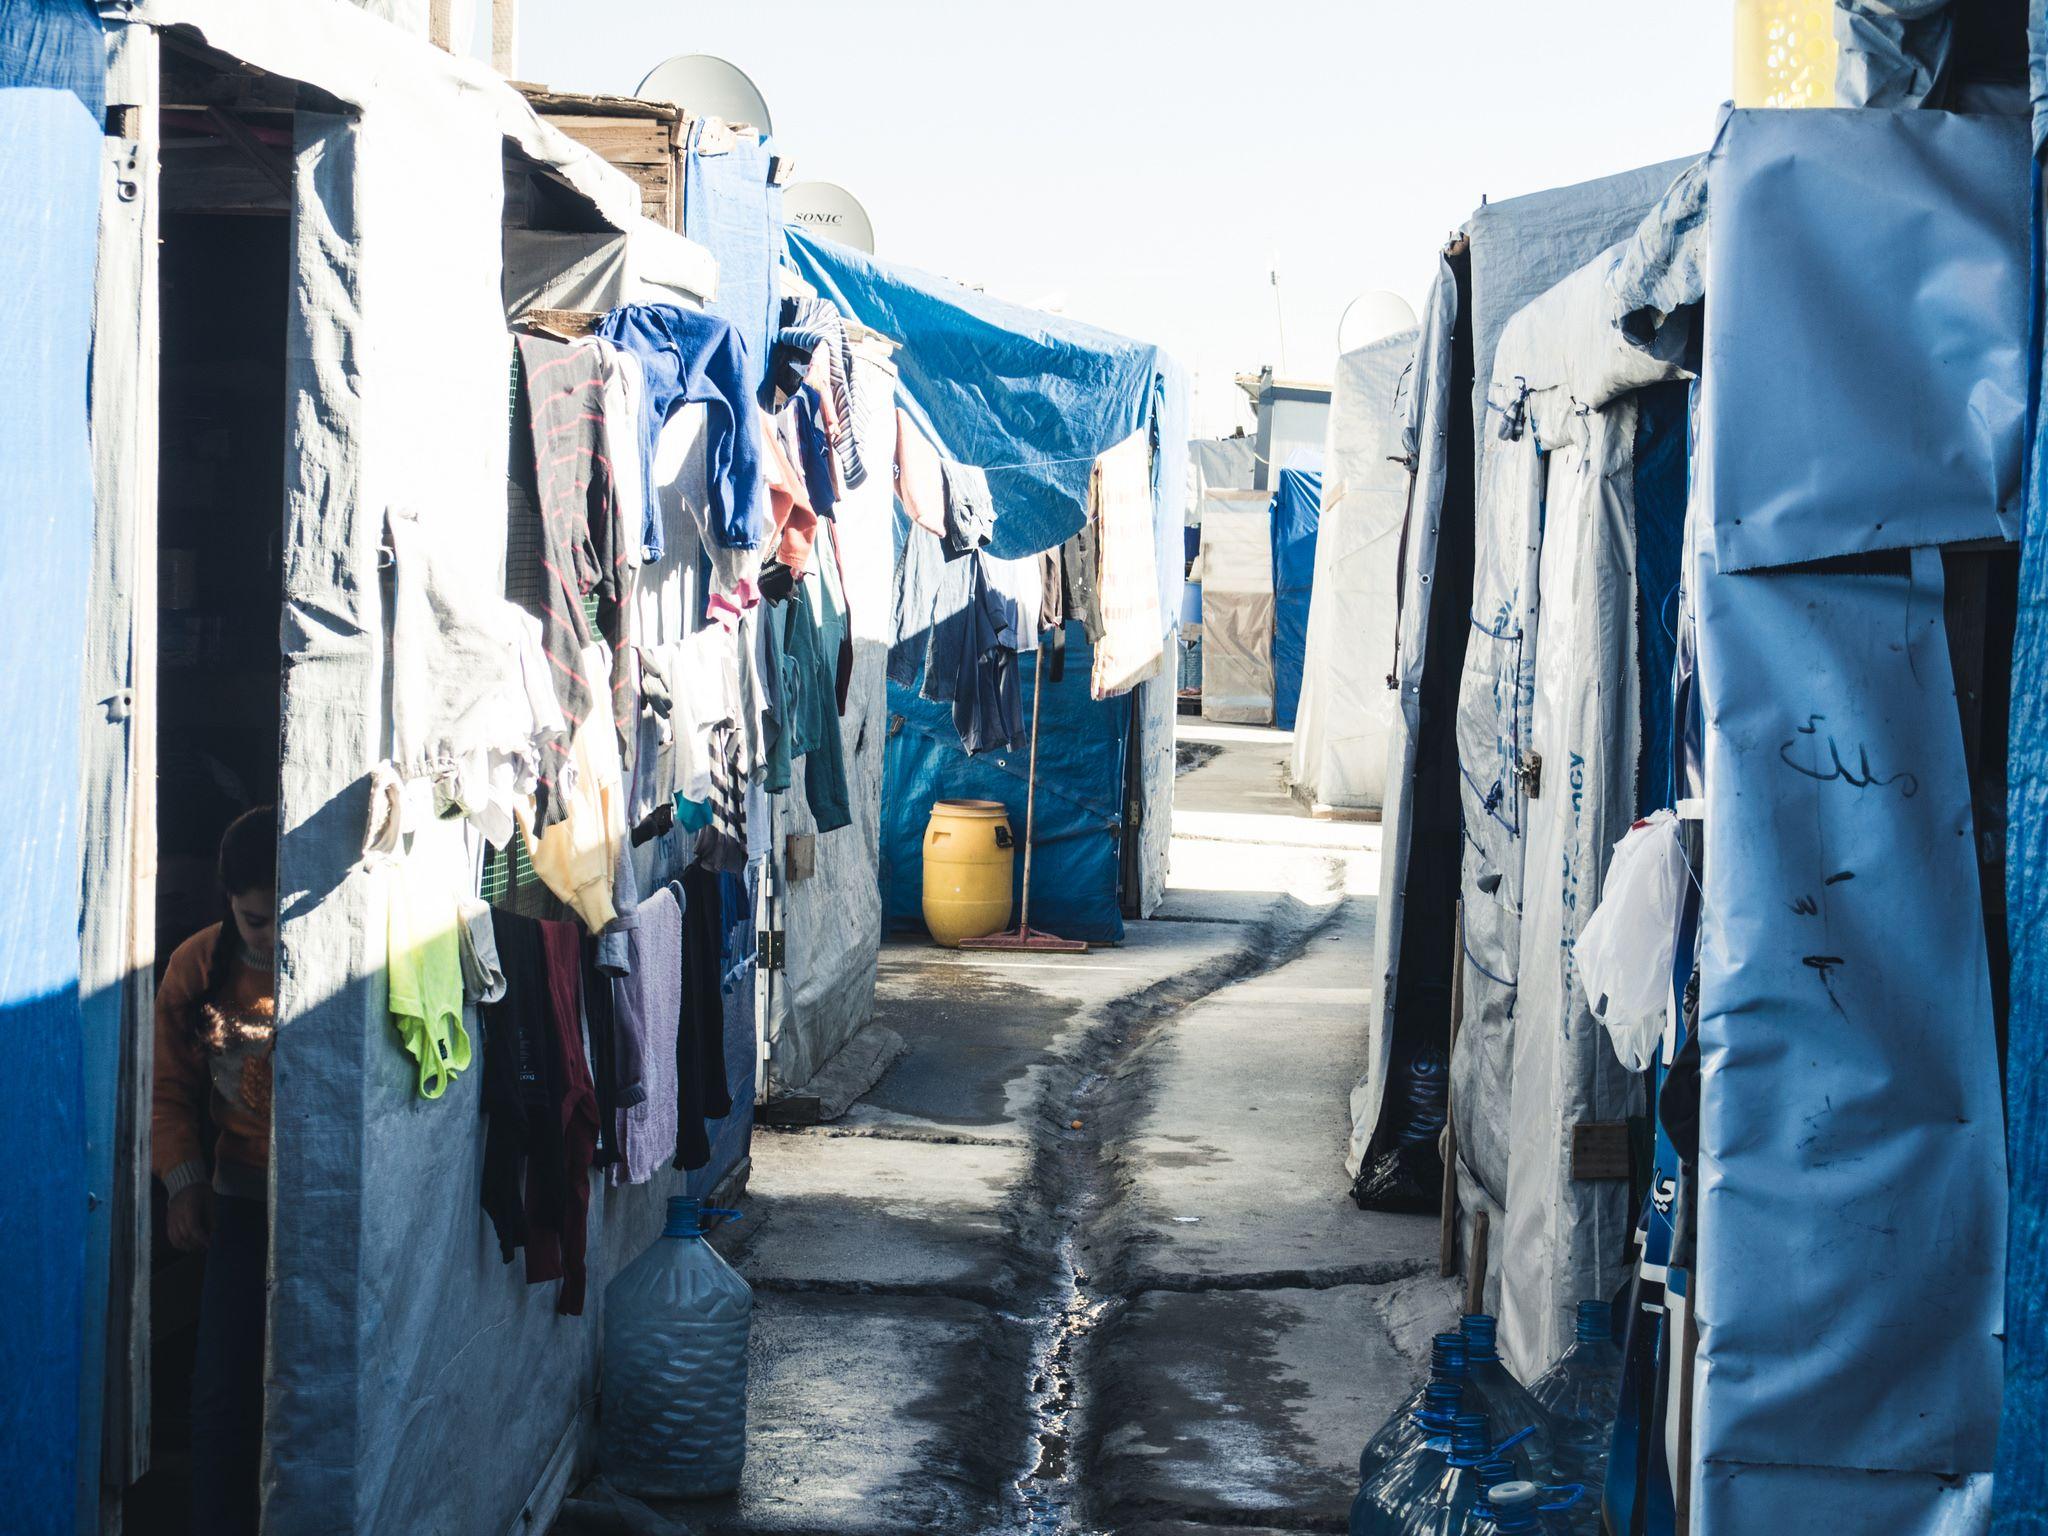 Detalhe dos corredores entre as barracas (Foto: Marco Gomes)